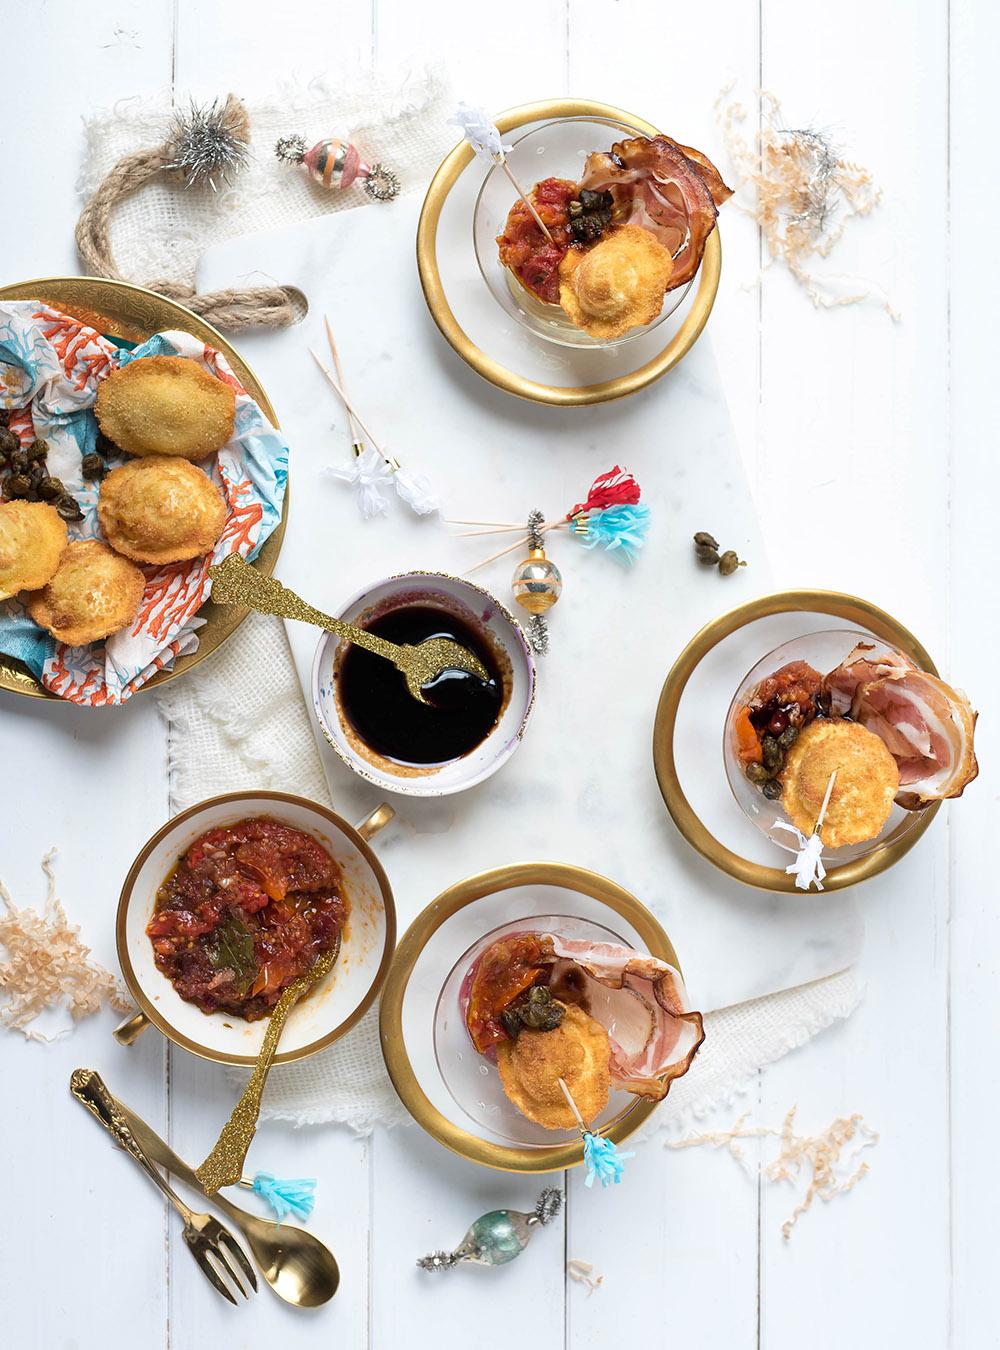 Knusprig gebackene Ravioli, Porchetta und ofengeröstete Tomaten im Glas -  Schnelles Fingerfood vom Feinsten